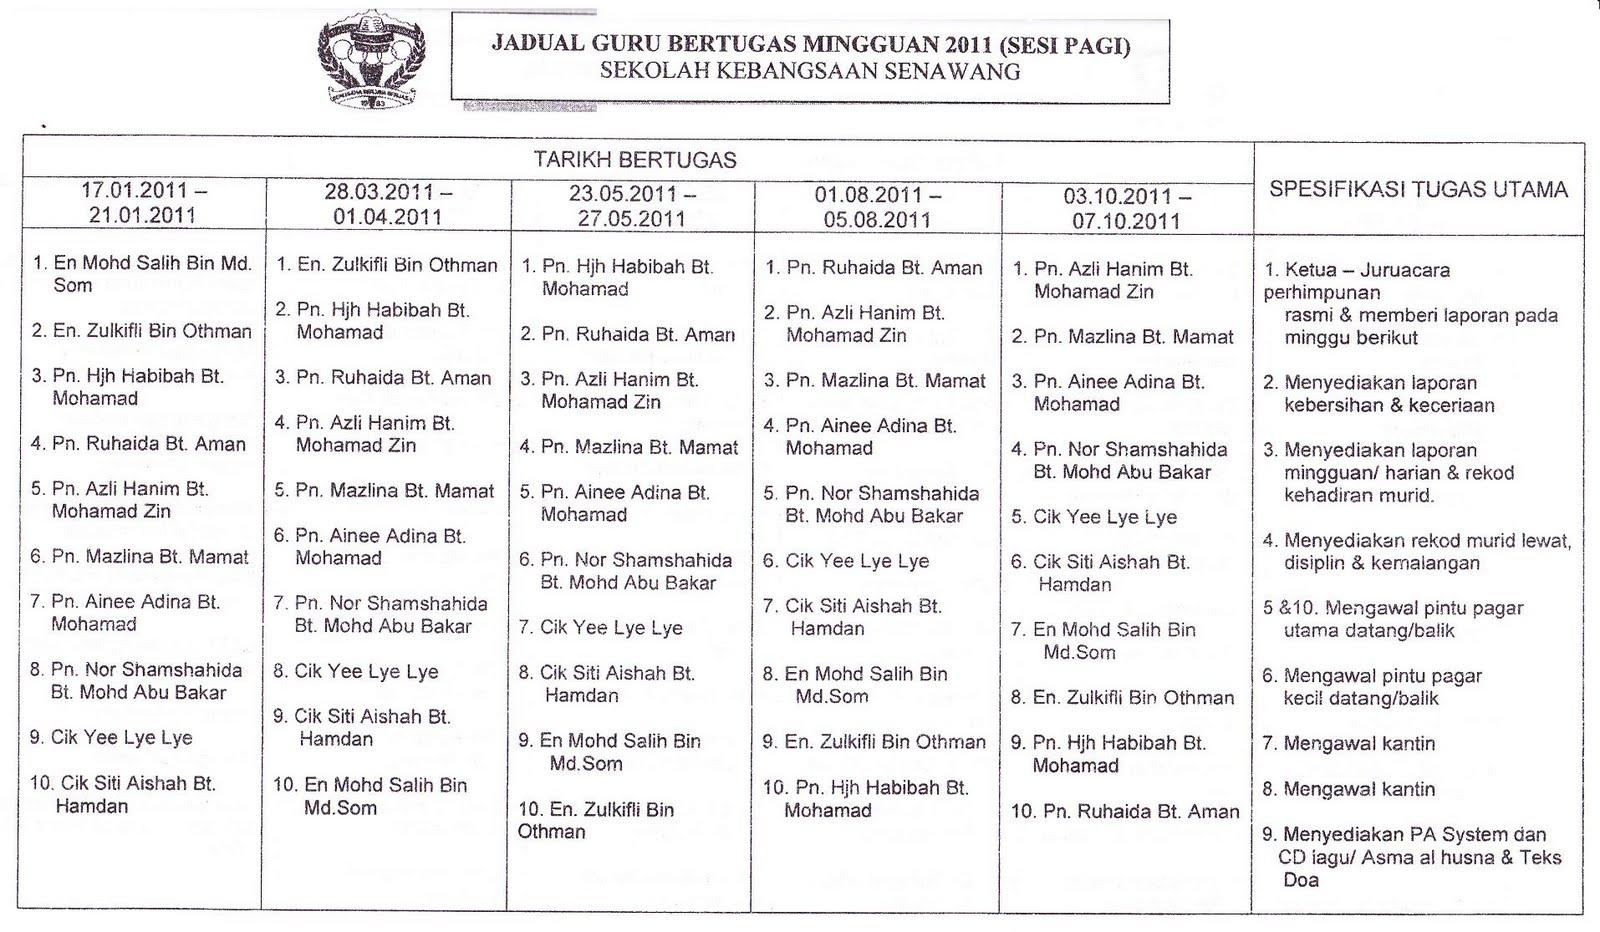 Jadual bertugas Guru Sesi pagi 2011